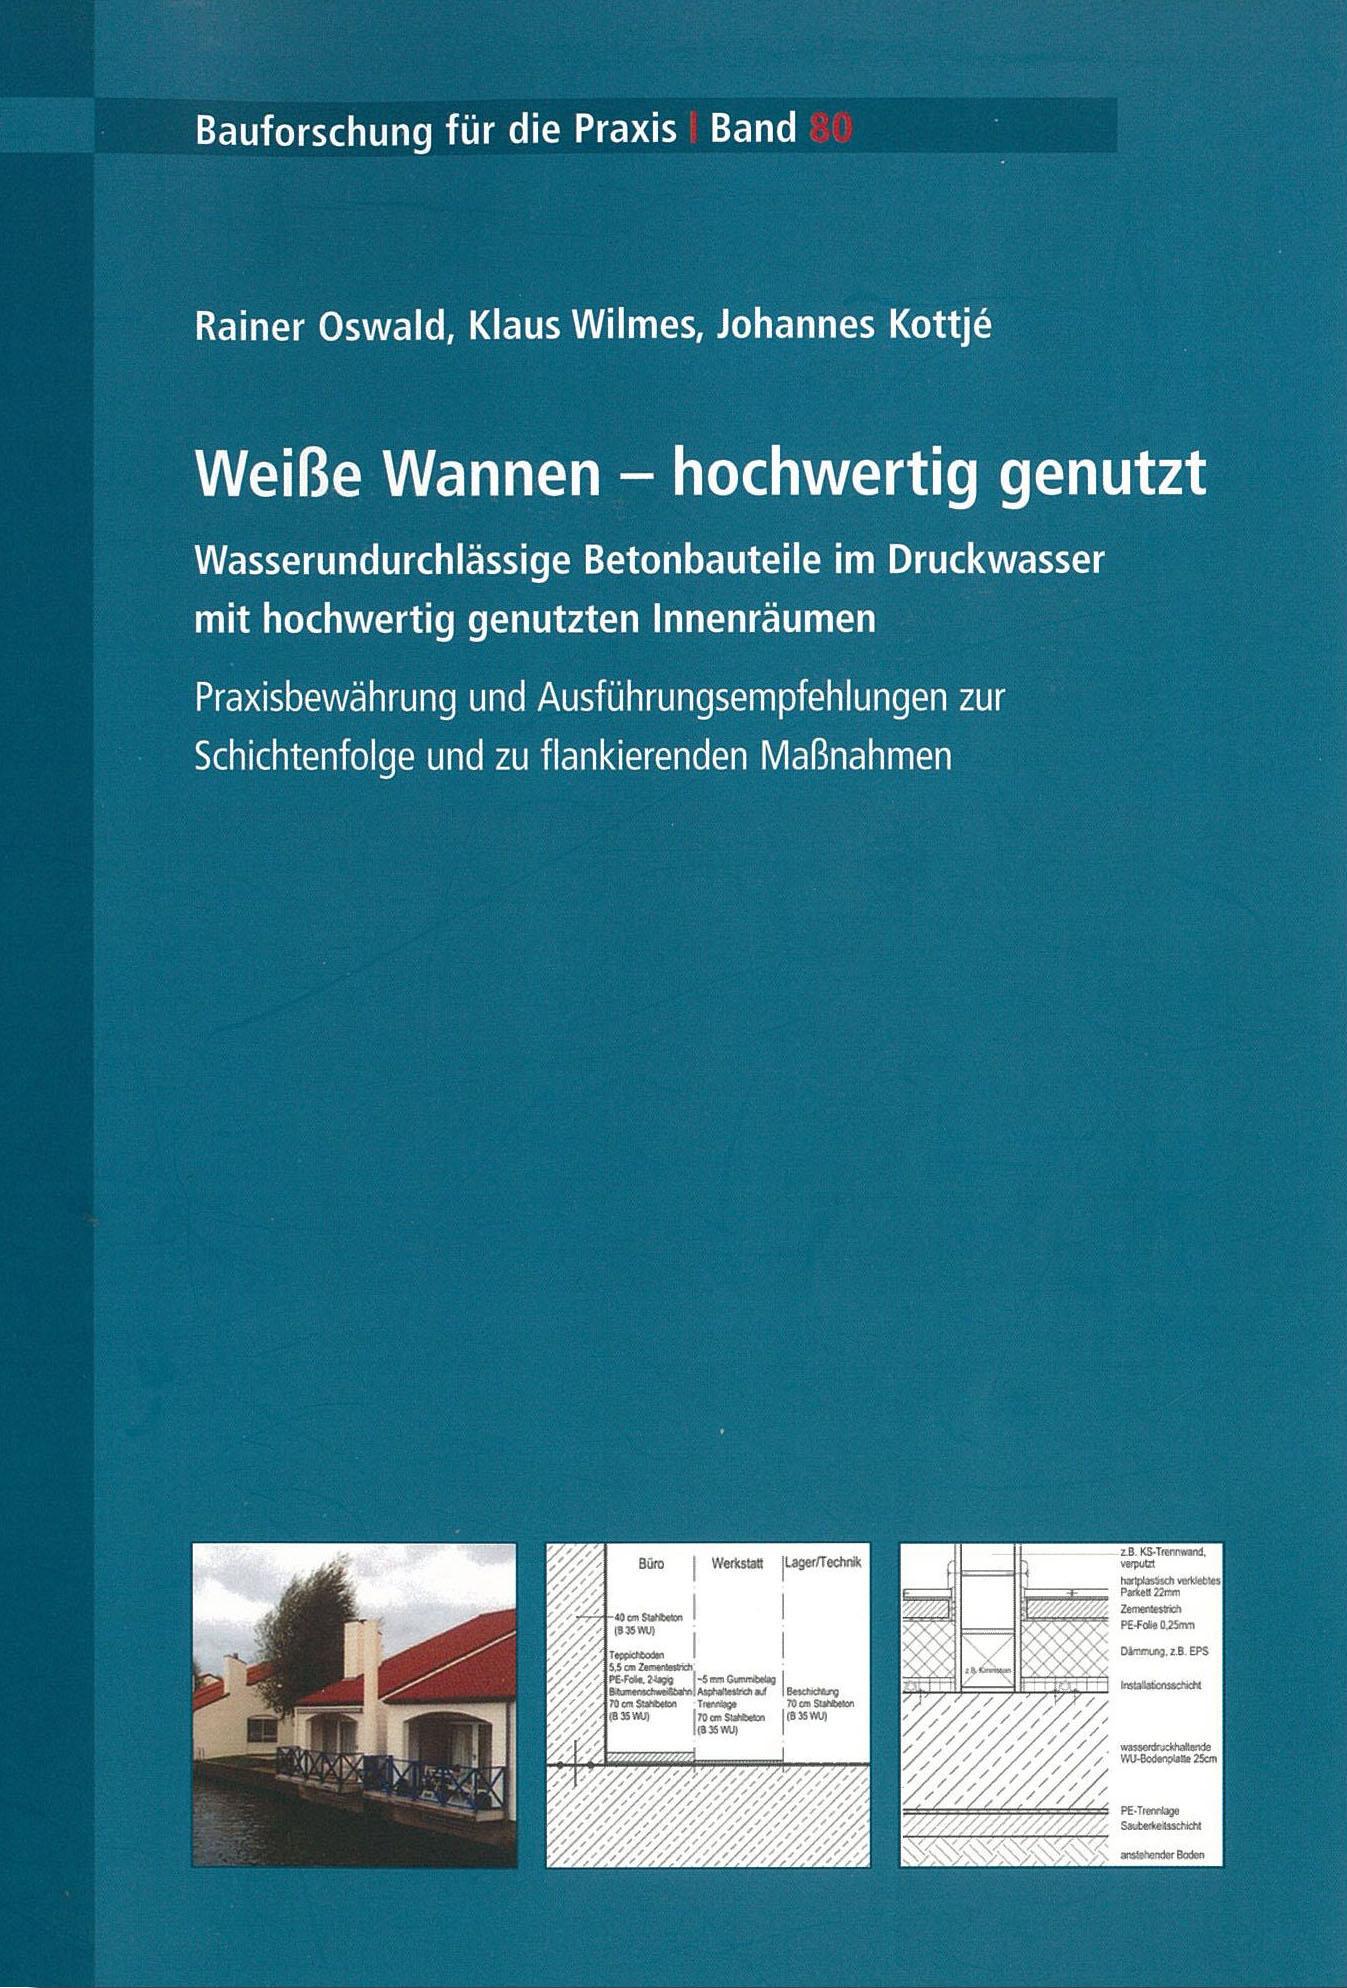 Weiße Wannen – Hochwertig genutzt; Wasserundurchlässige Betonbauteile im Druckwasser mit hochwertig genutzten Innenräumen; Praxisbewährung und Ausführungsempfehlungen zur Schichtenfolge und zu flankierenden Maßnahmen